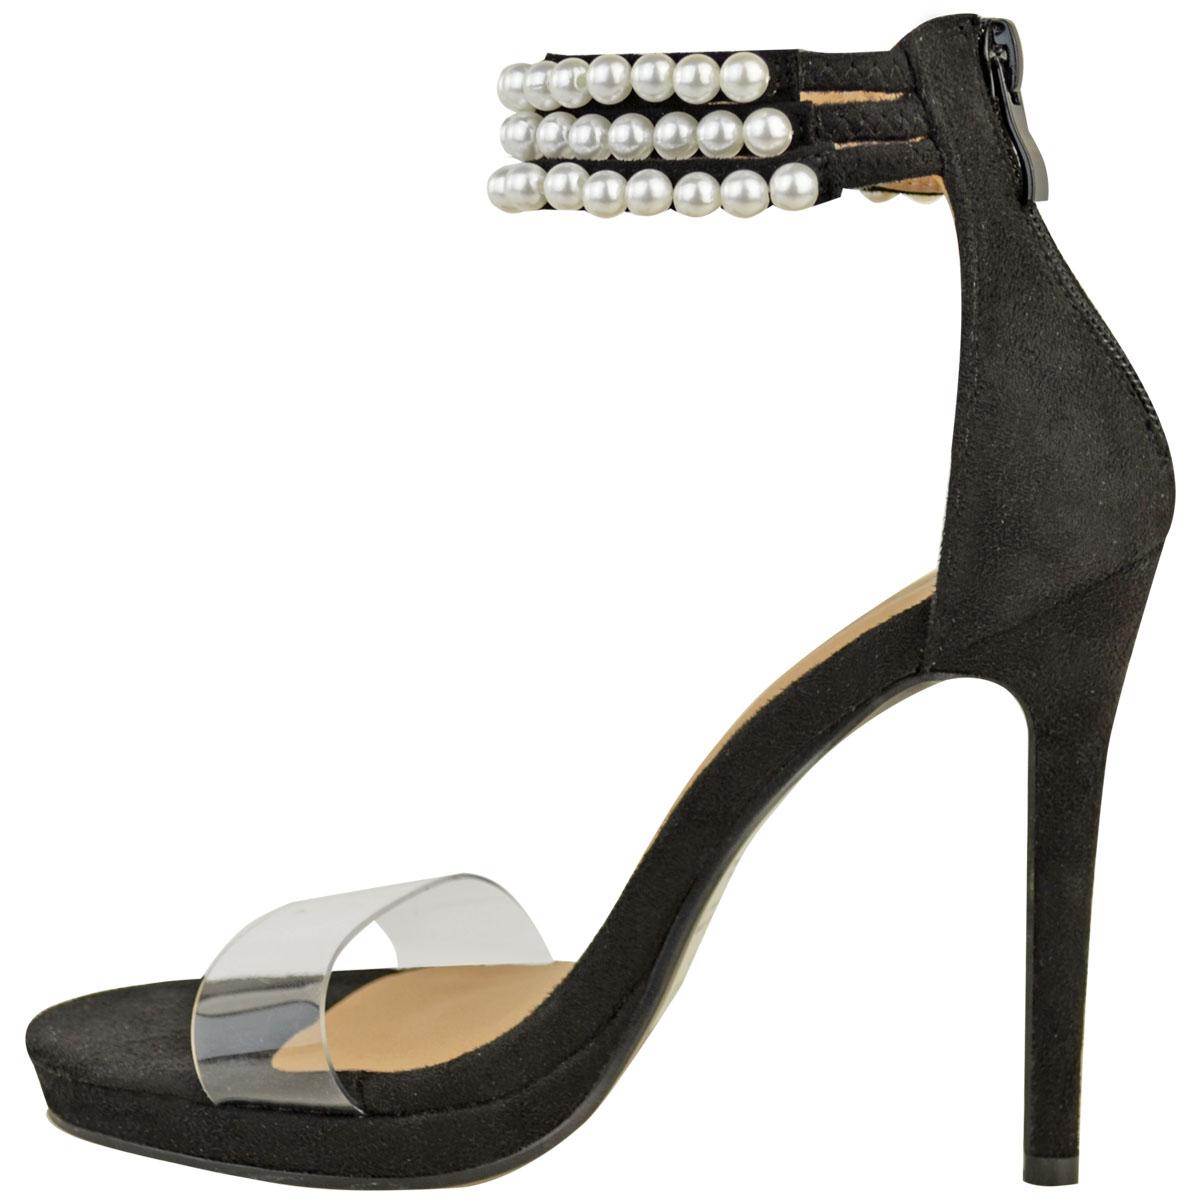 womens ankle stiletto high heel platform